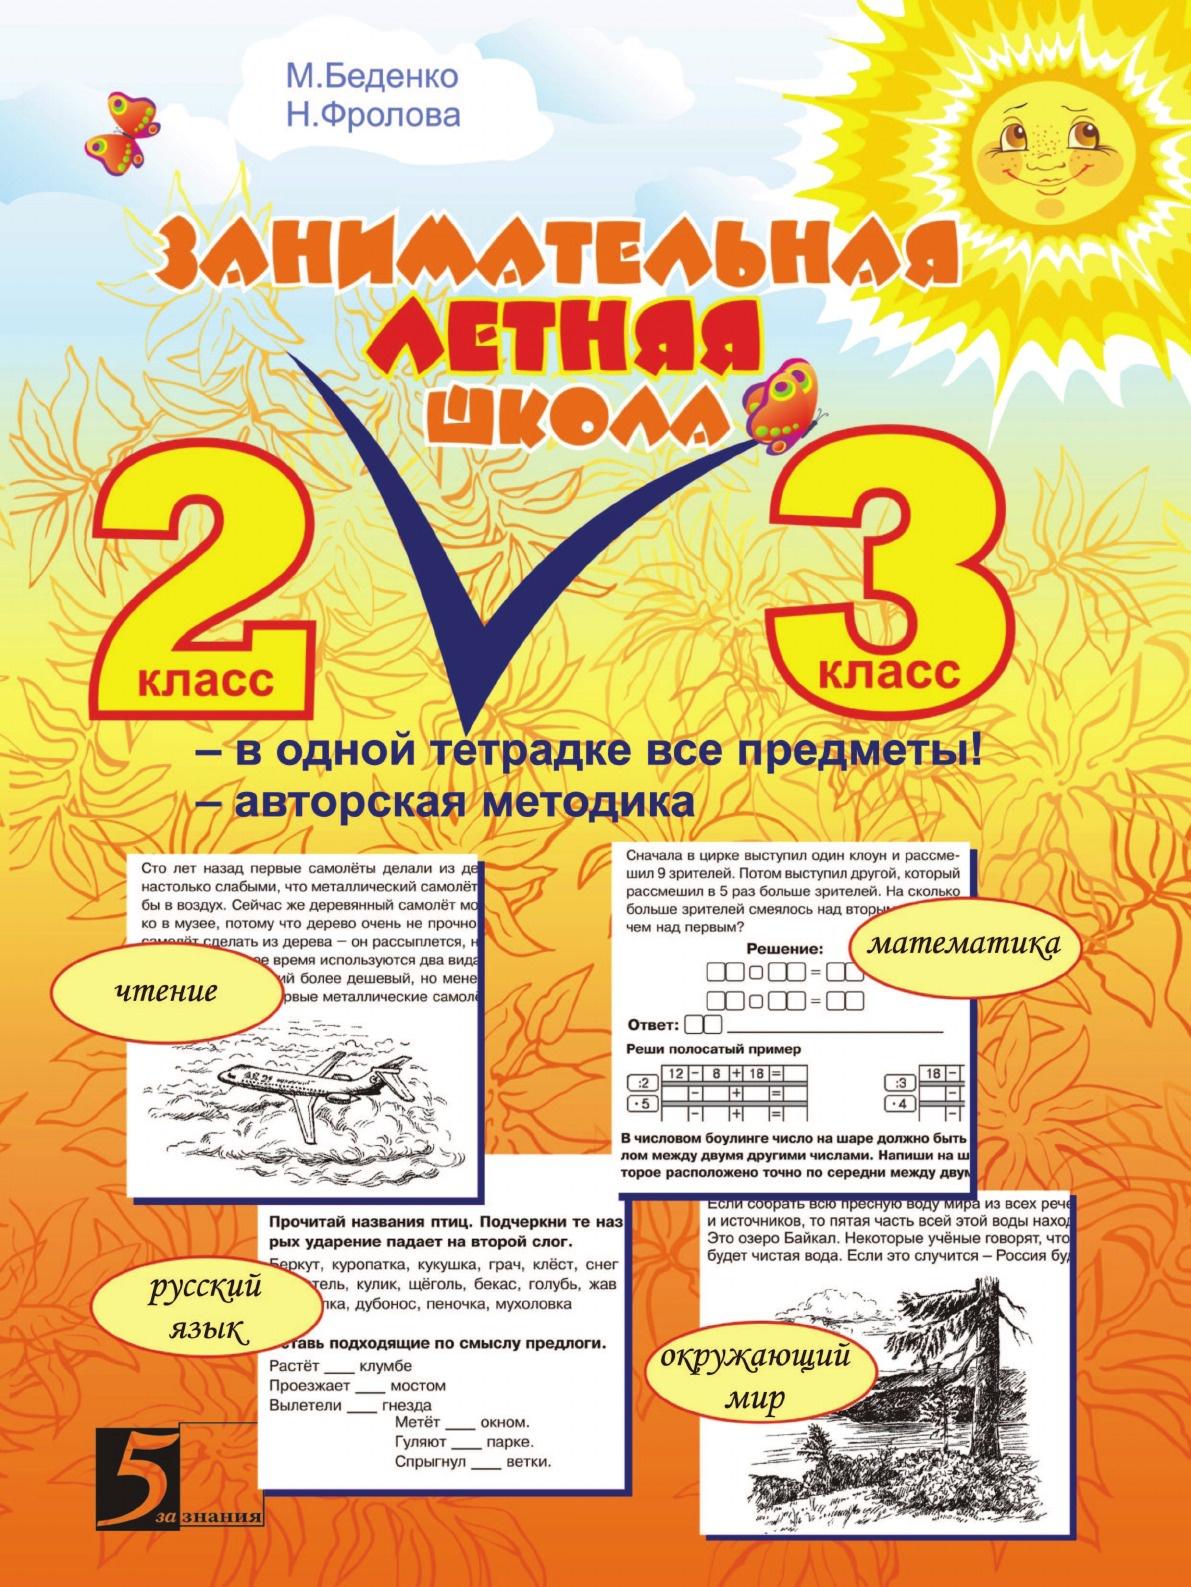 М.В. Беденко Занимательная летняя школа: Все предметы в одной тетради: Авторская методика: 2-3 класс